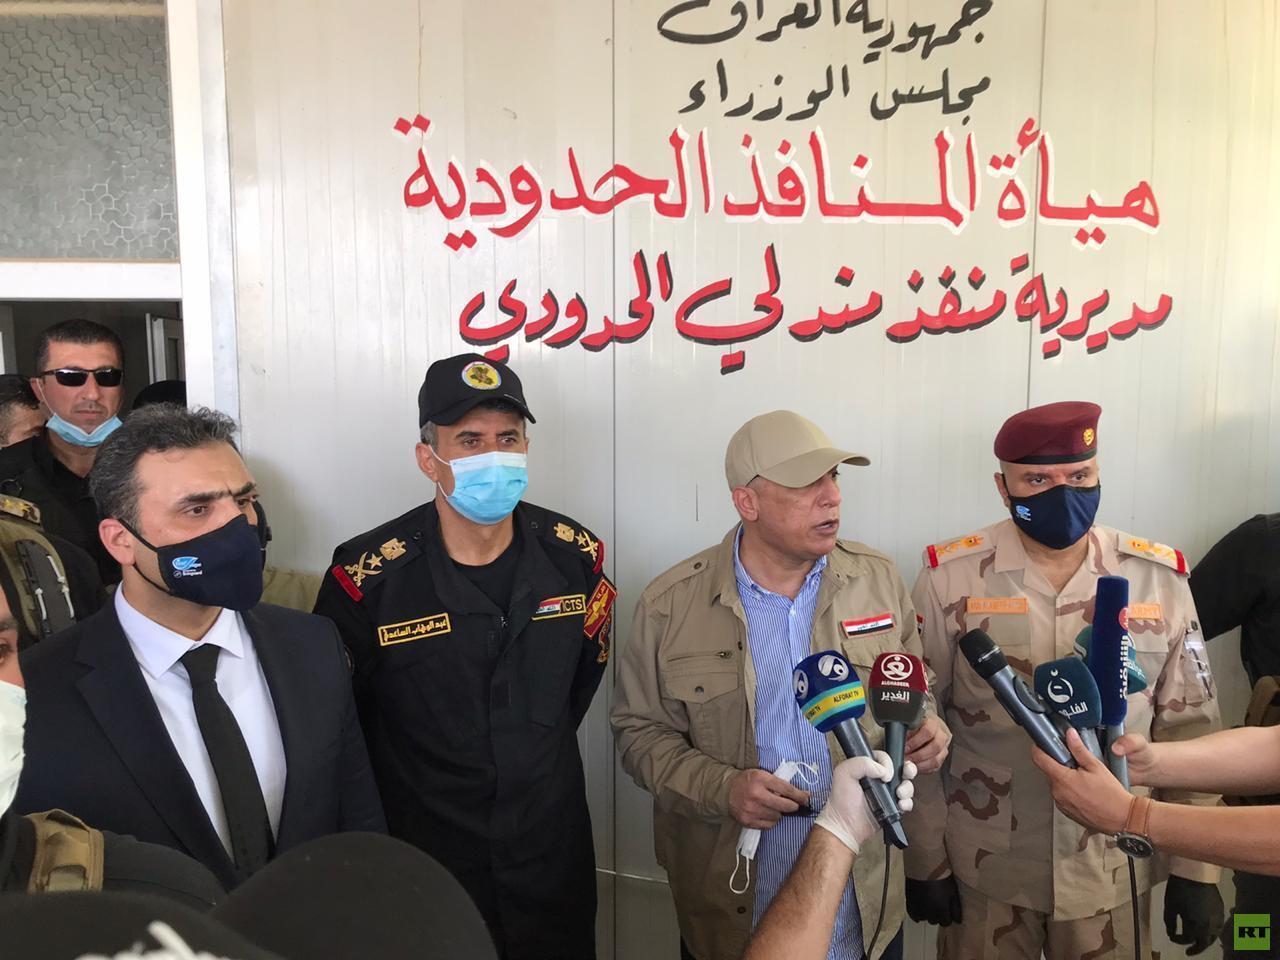 إعادة افتتاح منفذ مندلي الحدودي بين العراق وإيران